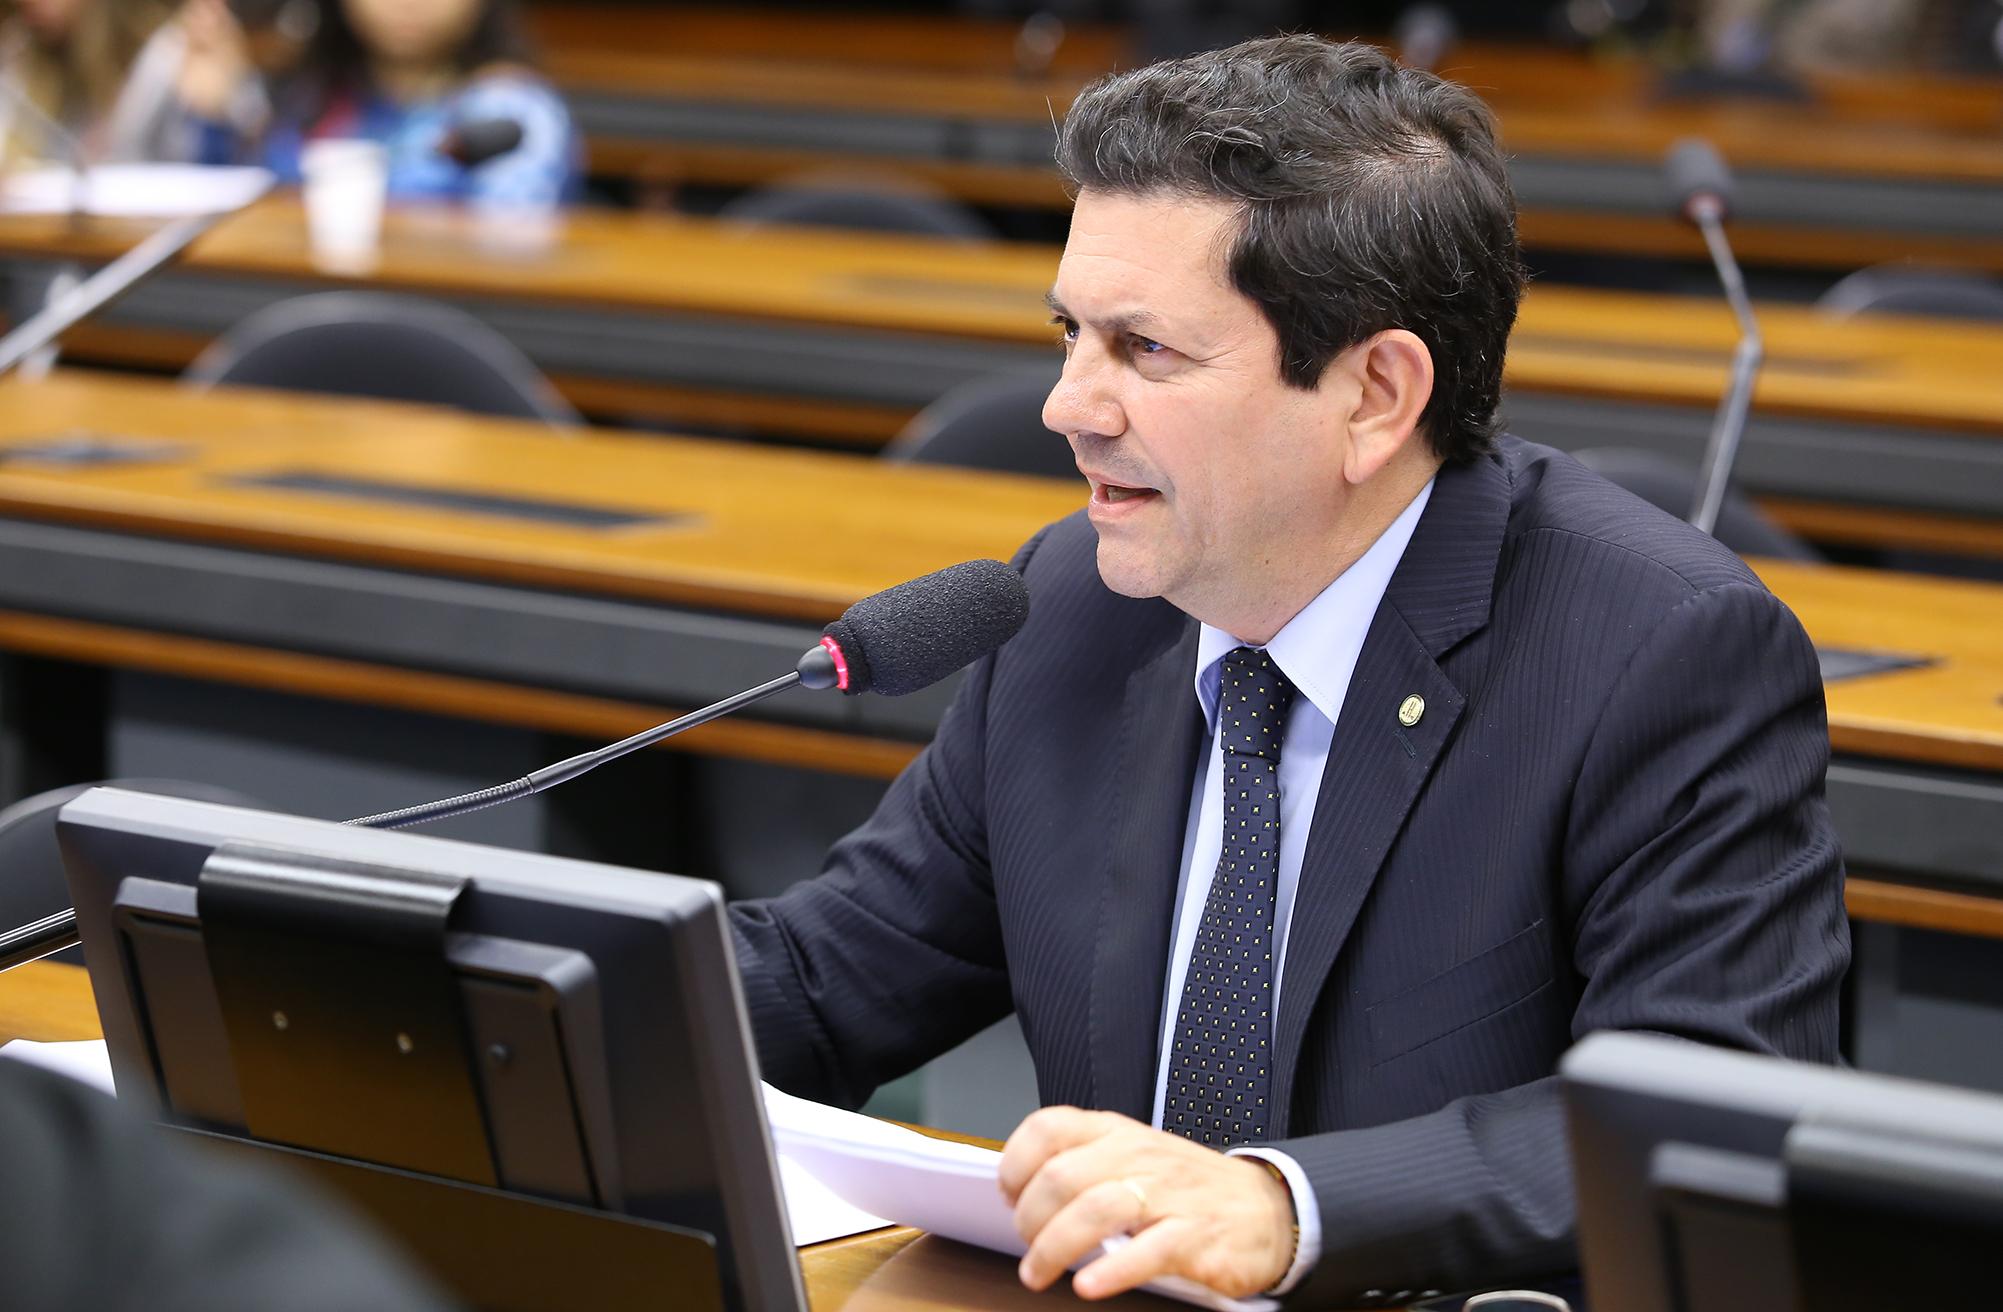 Reunião ordinária para discussão e votação do parecer da relatora, dep. Renata Abreu (PTN-SP). Dep. Otávio Leite (PSDB-RJ)